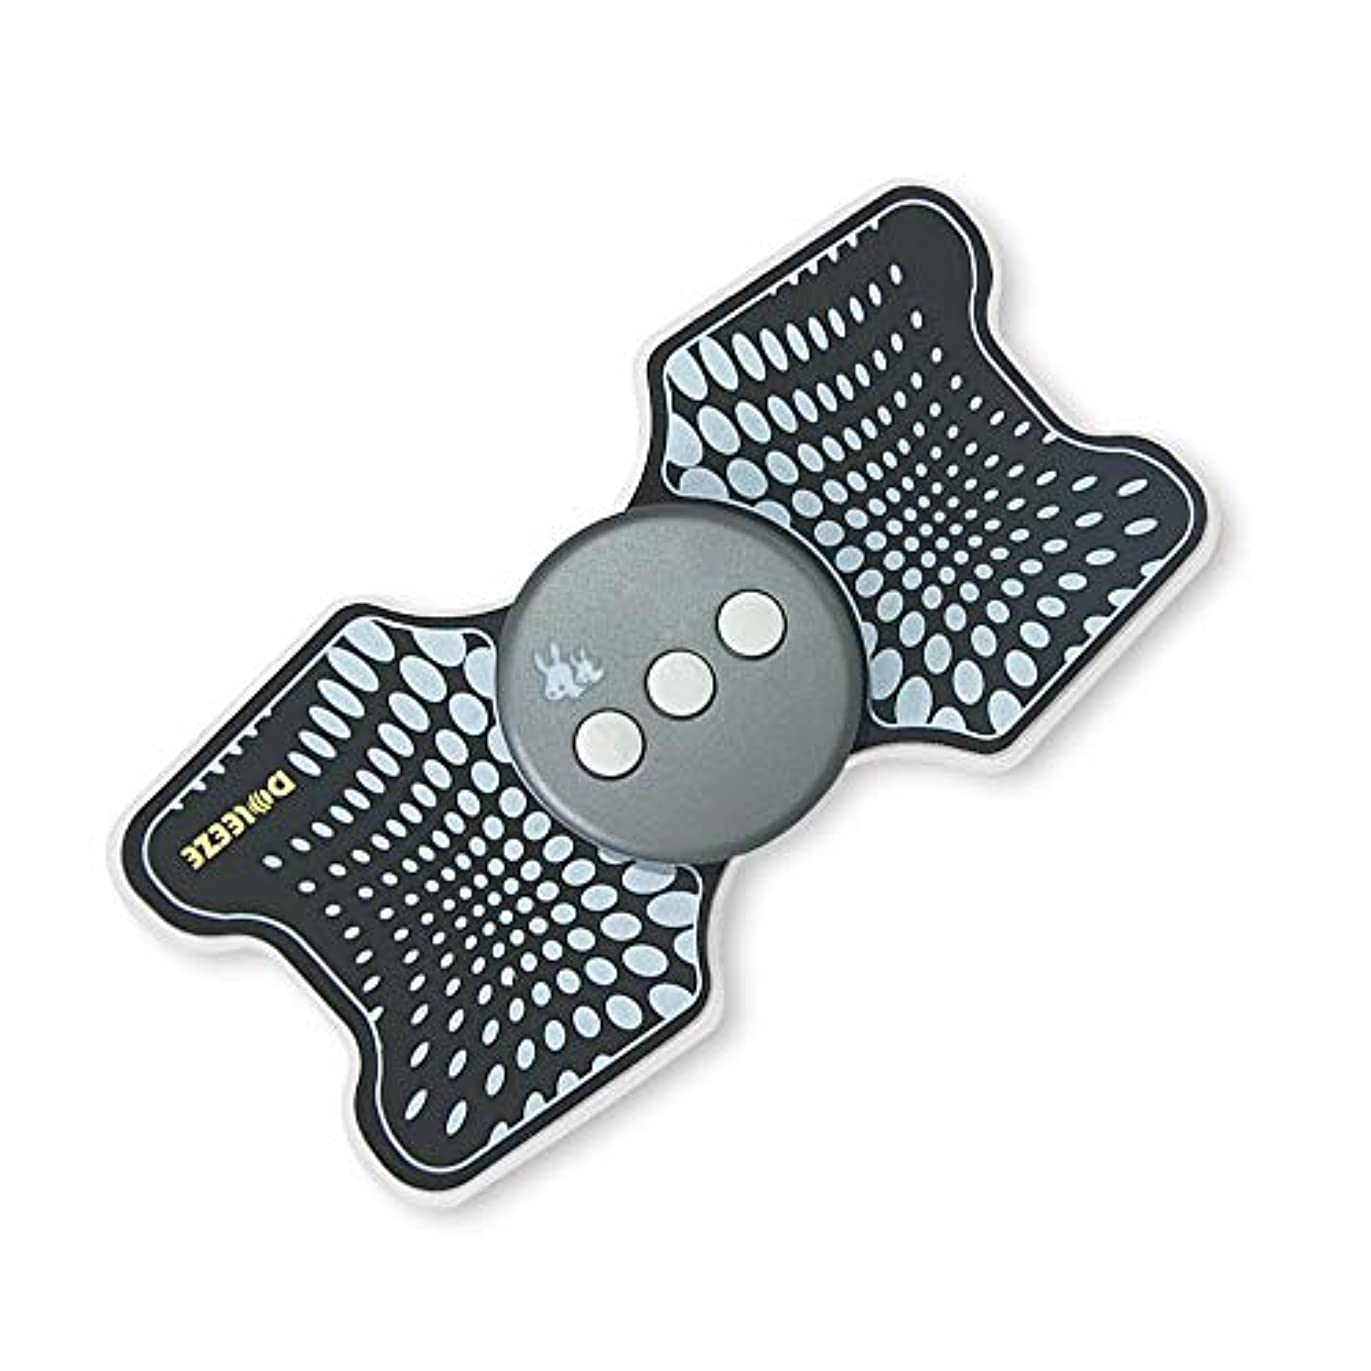 こっそりペレグリネーション知事Lekocミニマッサージャー 低周波治療器 9モード 十段階調整 USB充電式 筋肉 背中 足 子牛手 首 肩 腰 腹 全身用 軽量 携帯便利 家庭用 運動用 (ブラック)